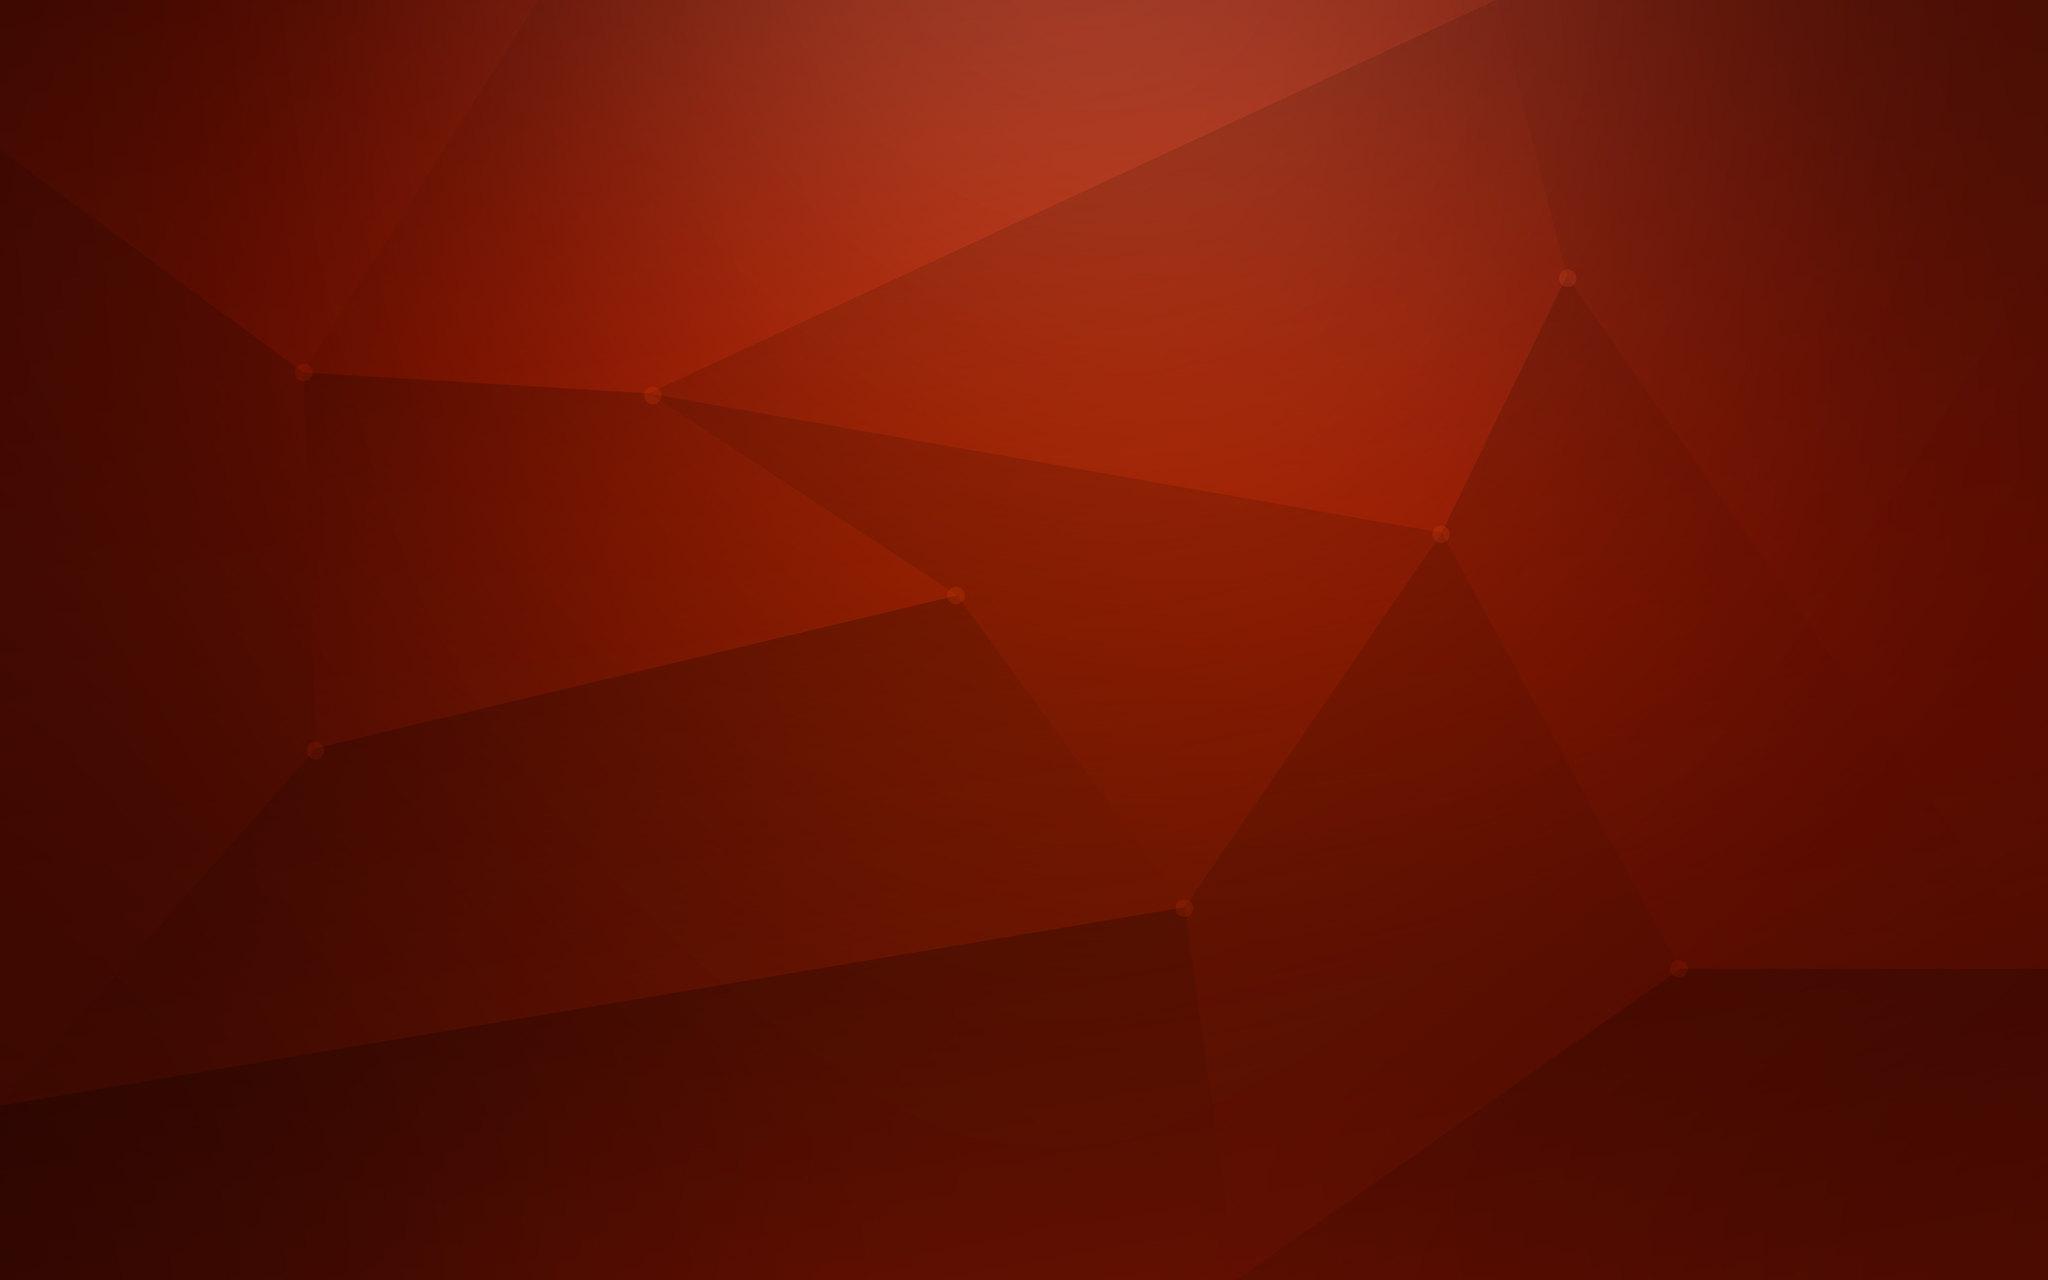 ubuntu_wallpaper_16_10_2